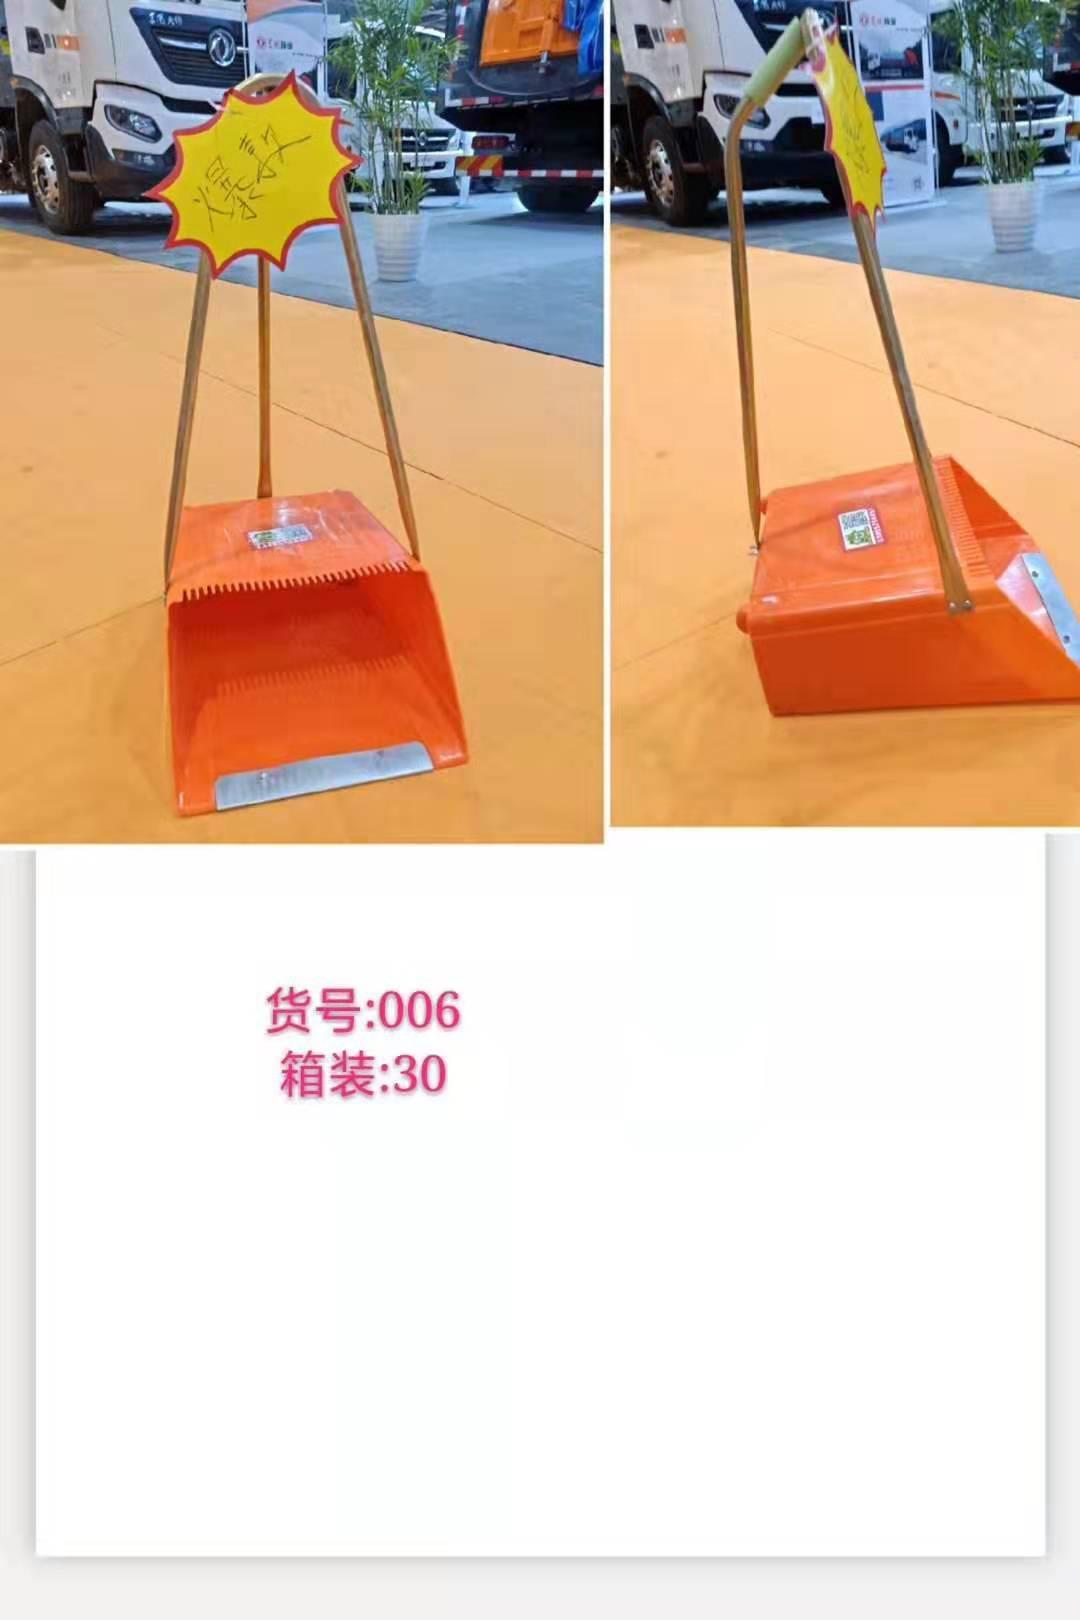 重慶農村垃圾斗尺寸 誠信服務 蕭縣家齊清潔制品供應